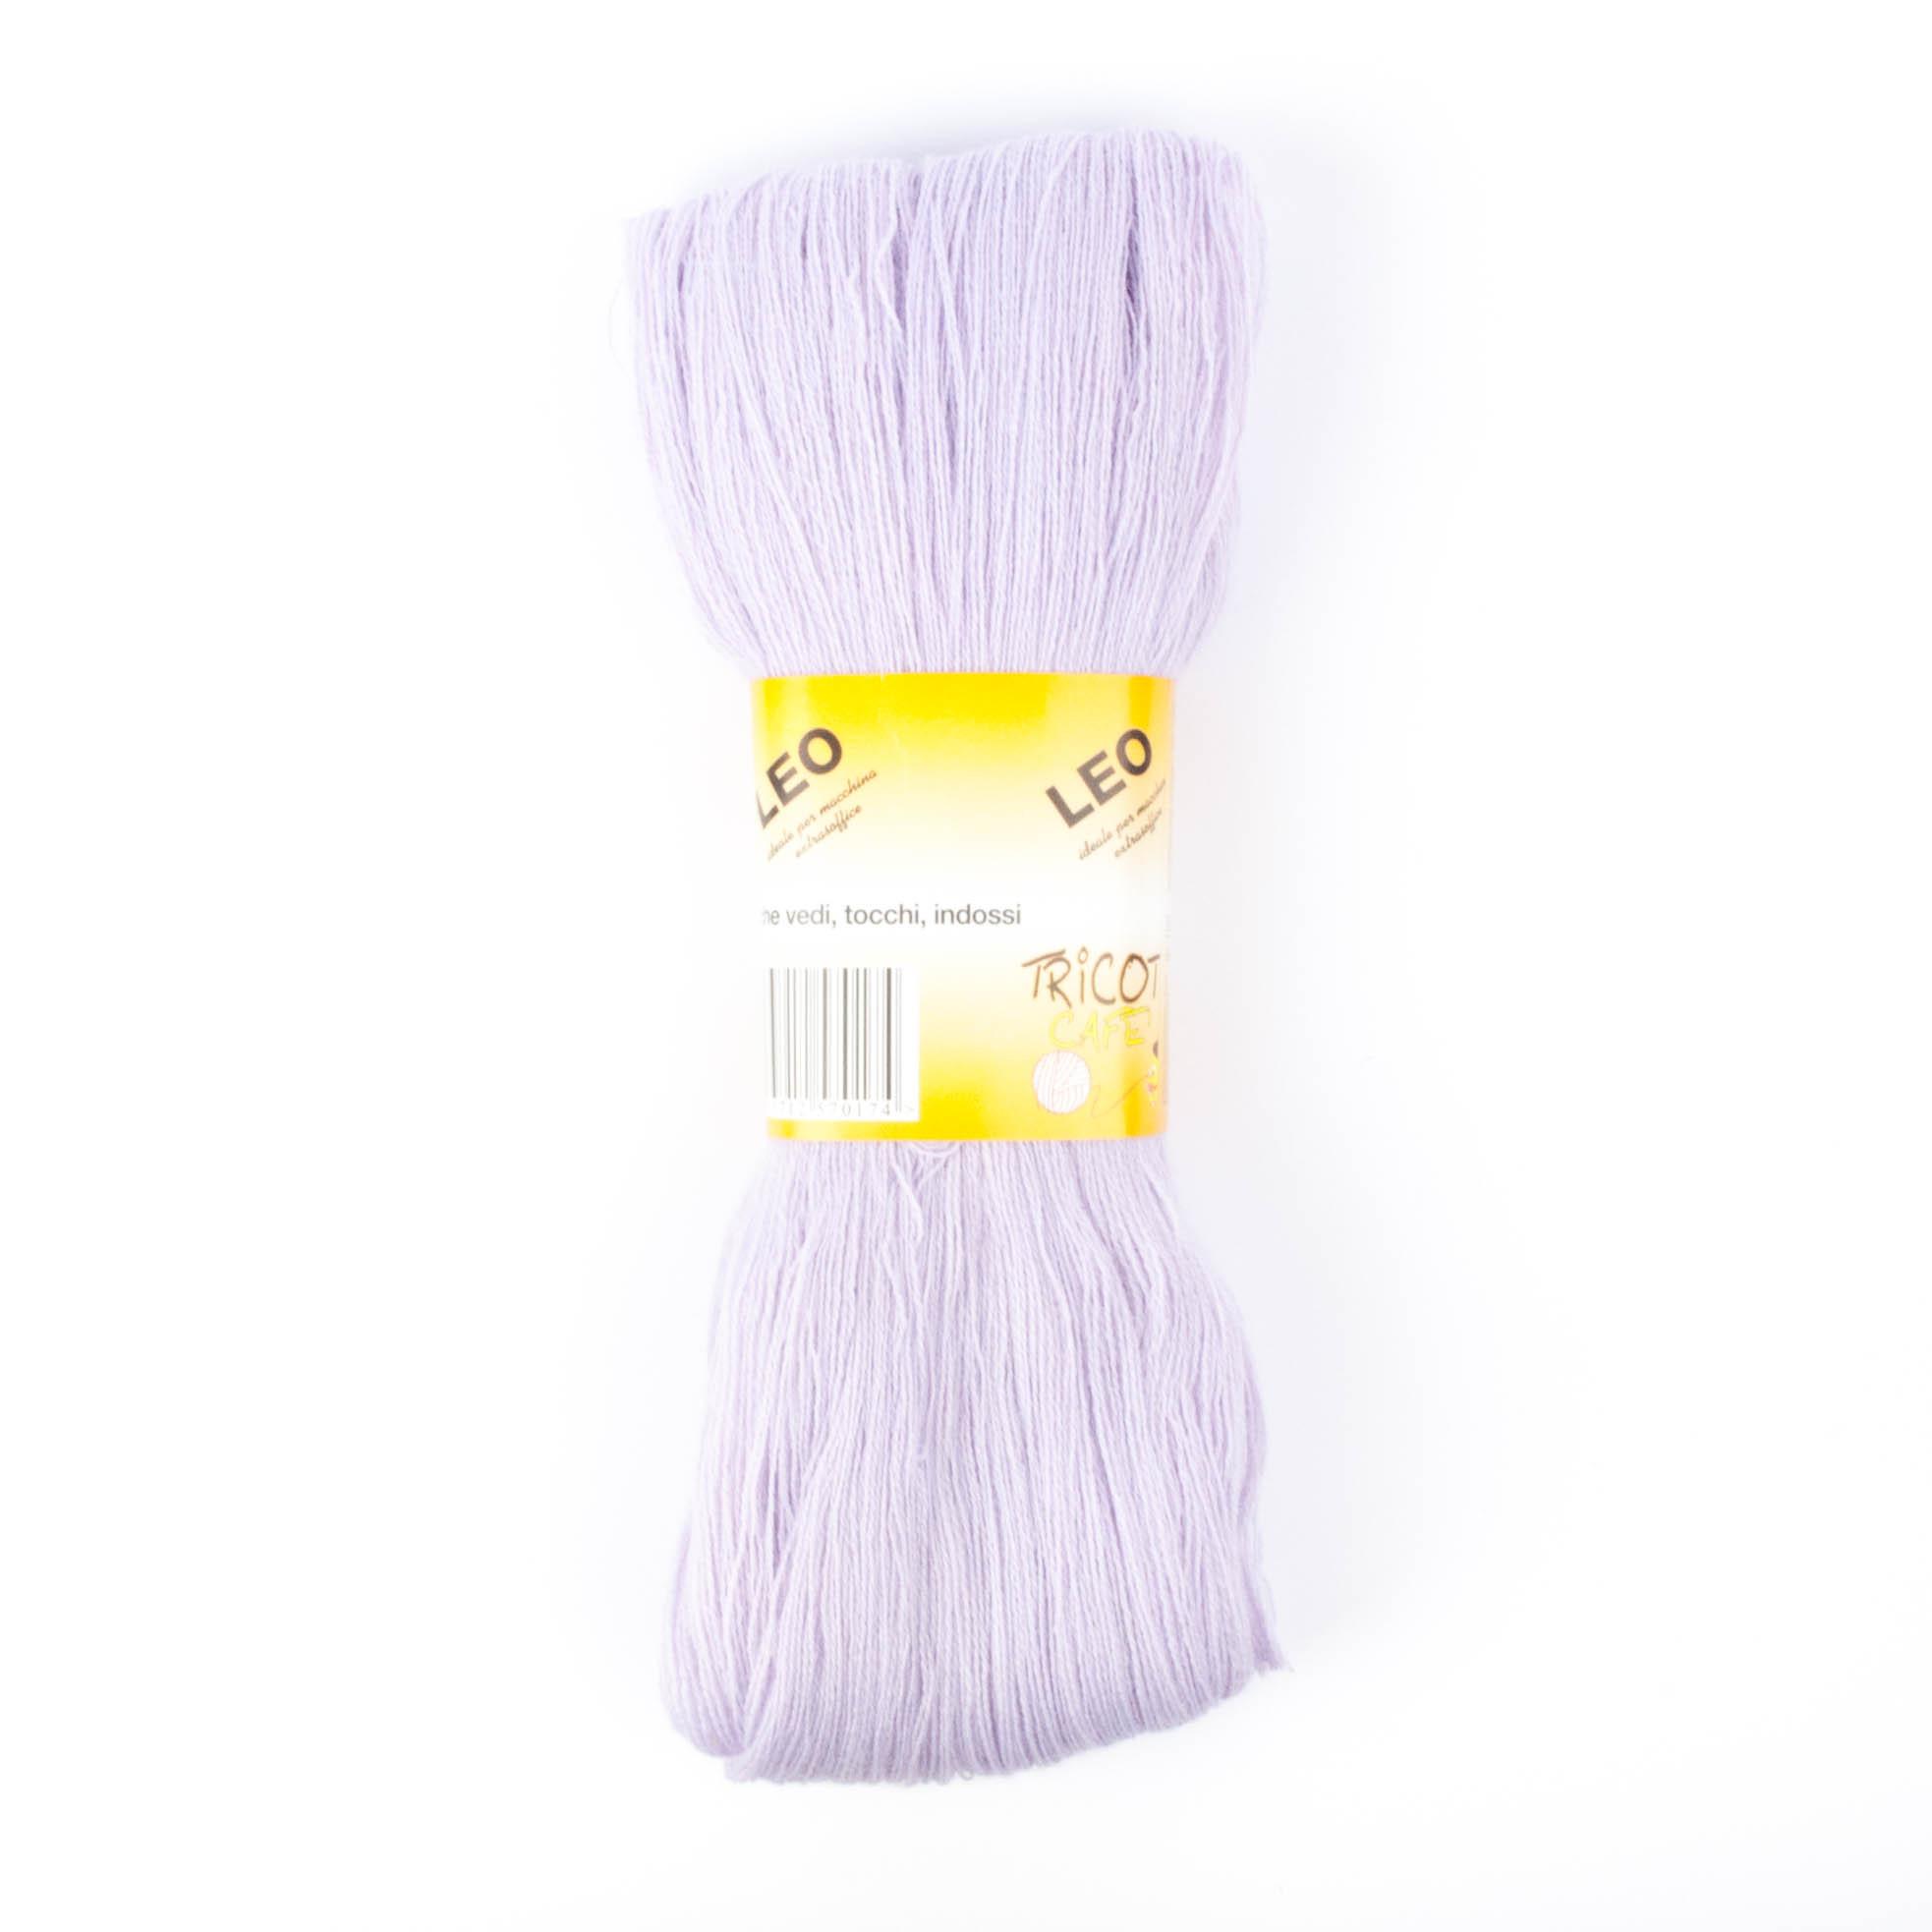 Leo - Matassa misto lana ideale per lavori a mano e macchina - Lilla 34